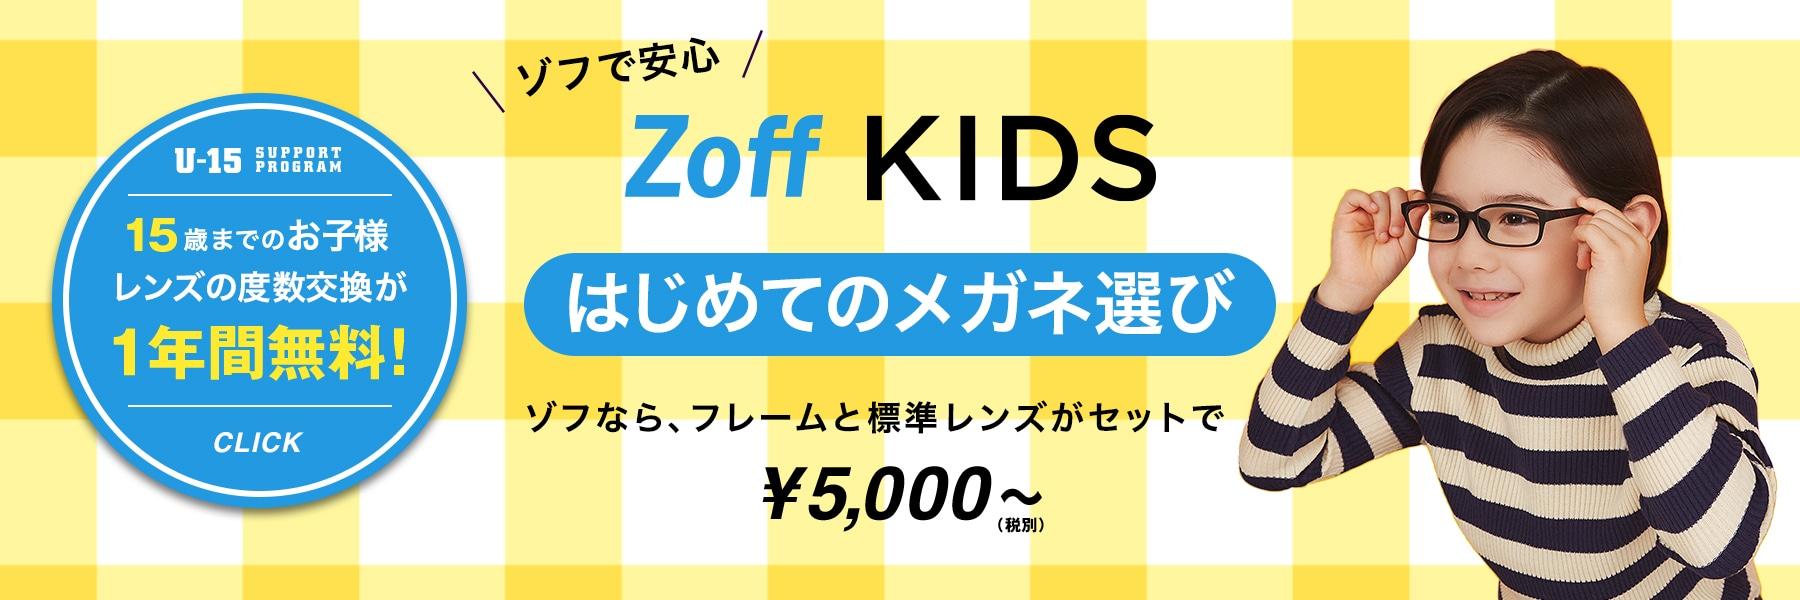 ゾフで安心 Zoff KIDS はじめてのメガネ選び ゾフなら、フレームと標準レンズがセットで¥5,000~(税別) U-15 SUPPORT PROGRAM 15歳までのお子様 レンズの度数交換が1年間無料! CLICK